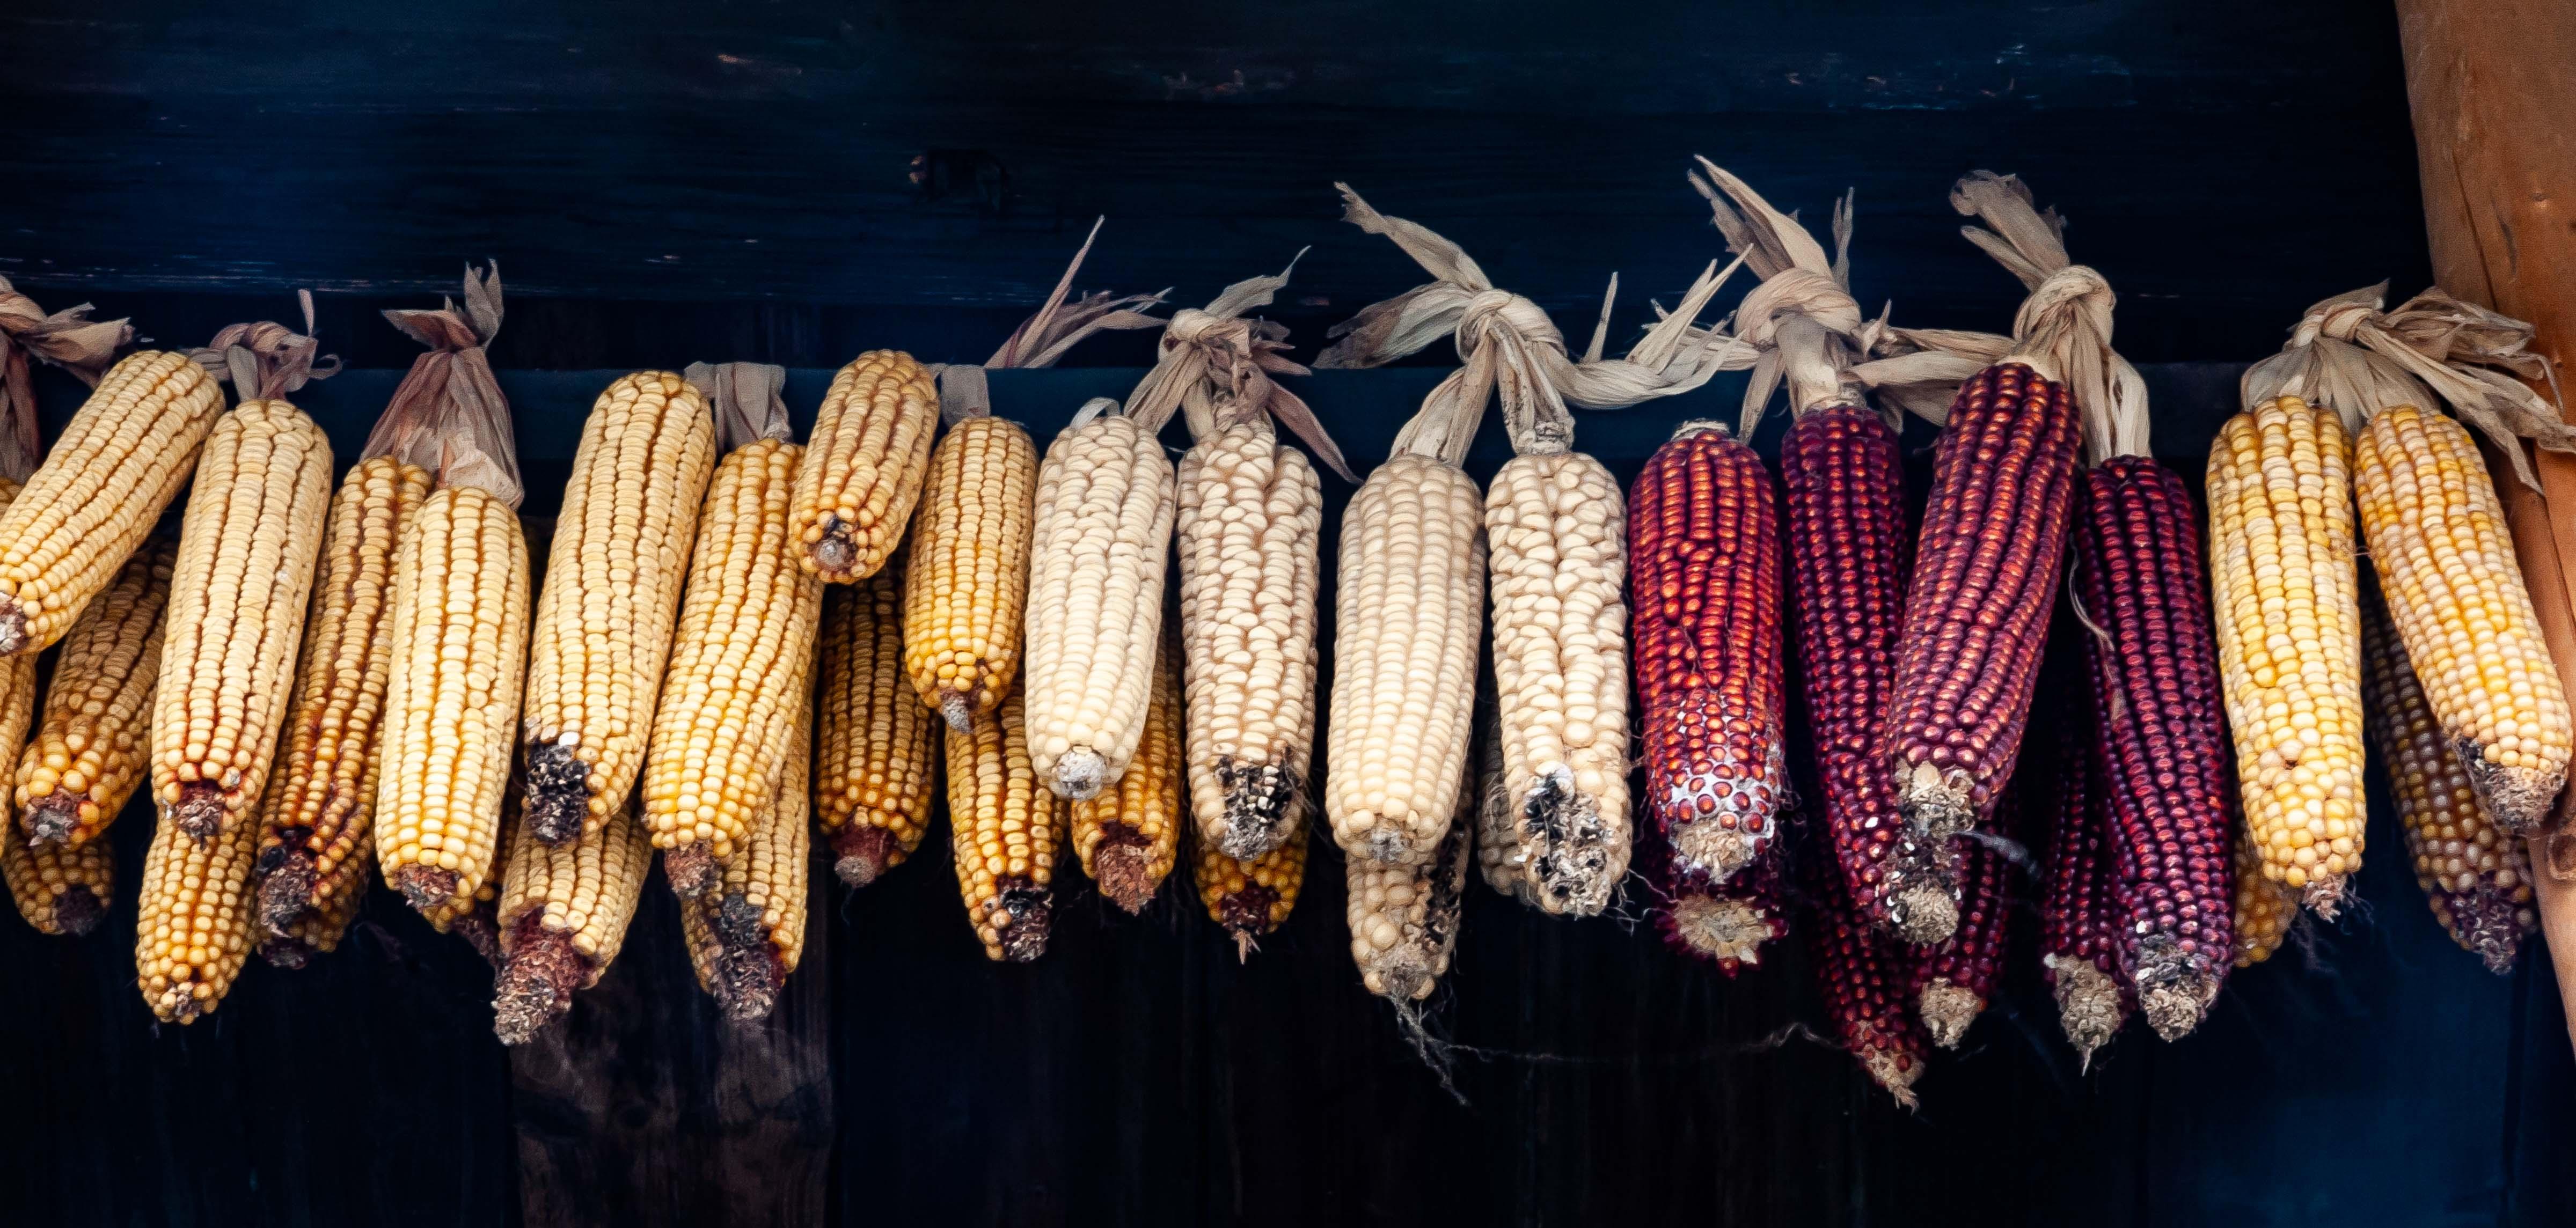 Slovenia, Tabor Prov, Hanging Corn, 2006, IMG 7770